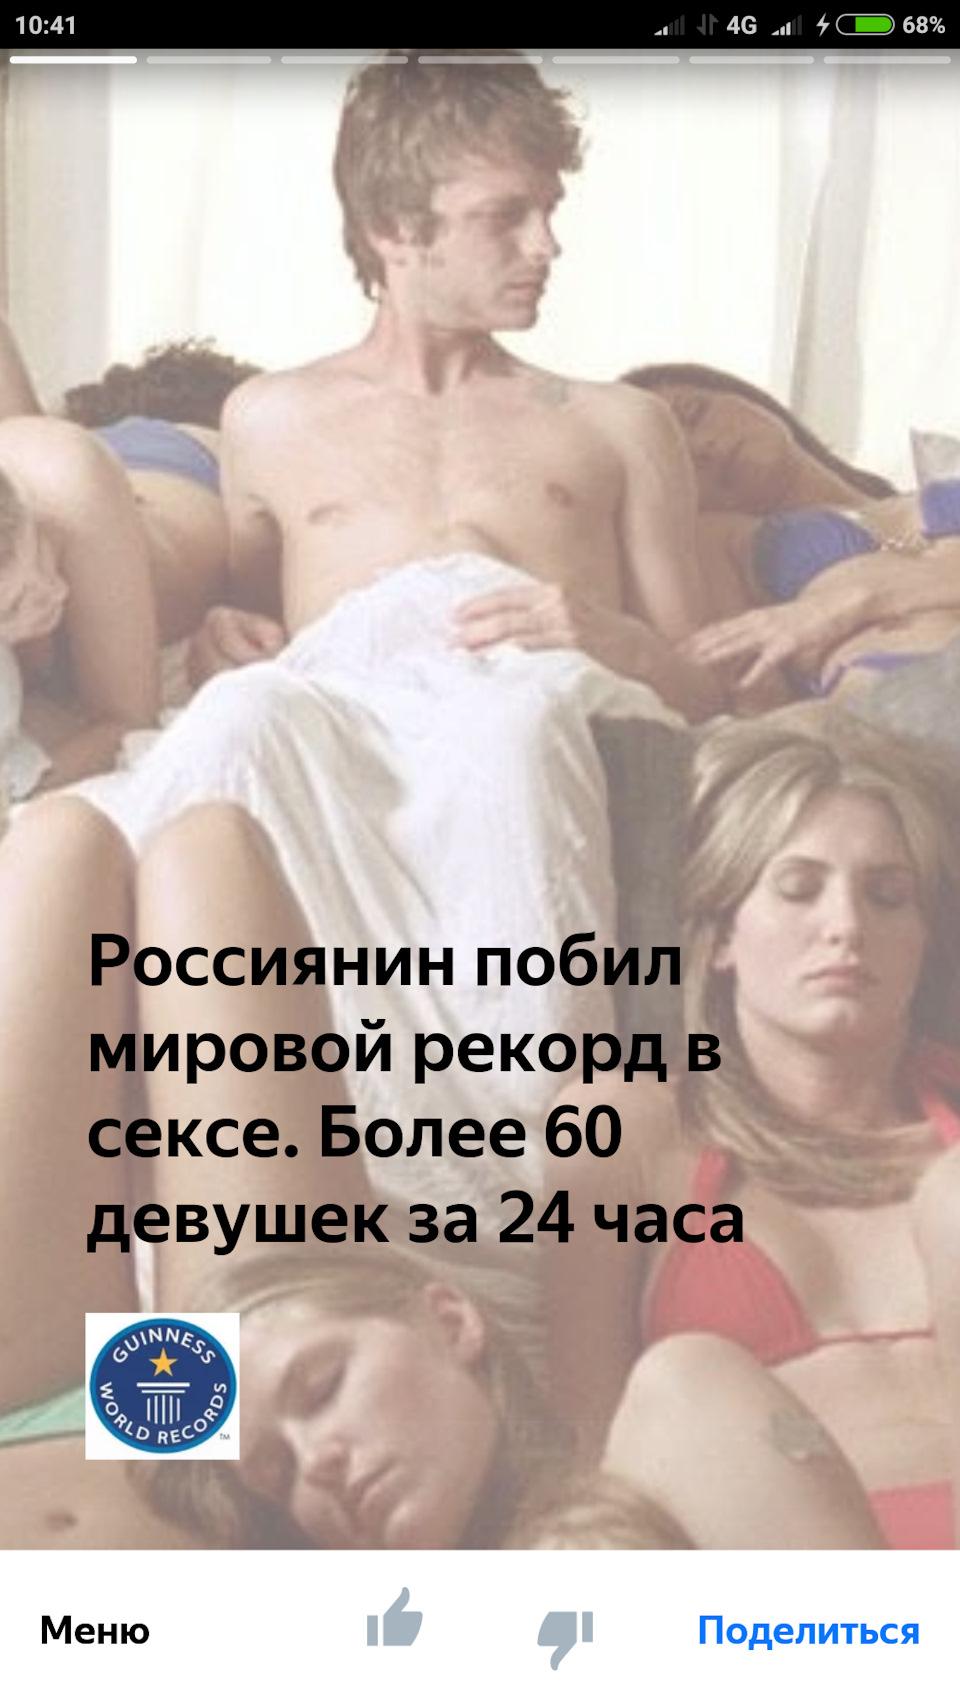 seks-rekordi-bab-po-kolichestvu-konchaniy-muzhikov-foto-pop-lyubitelskie